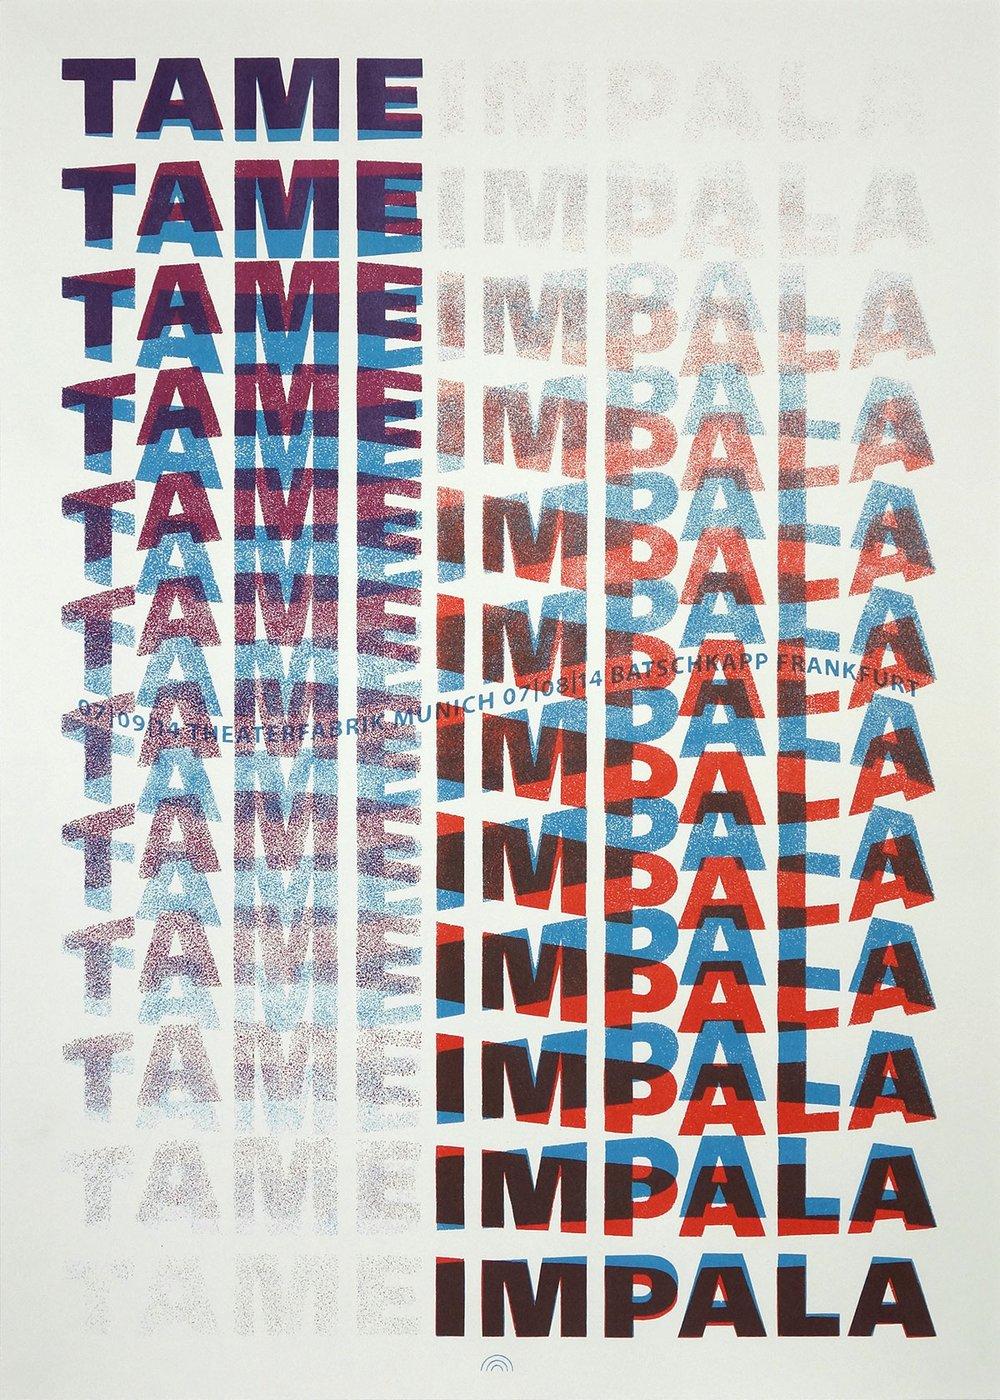 Image of TAME IMPALA